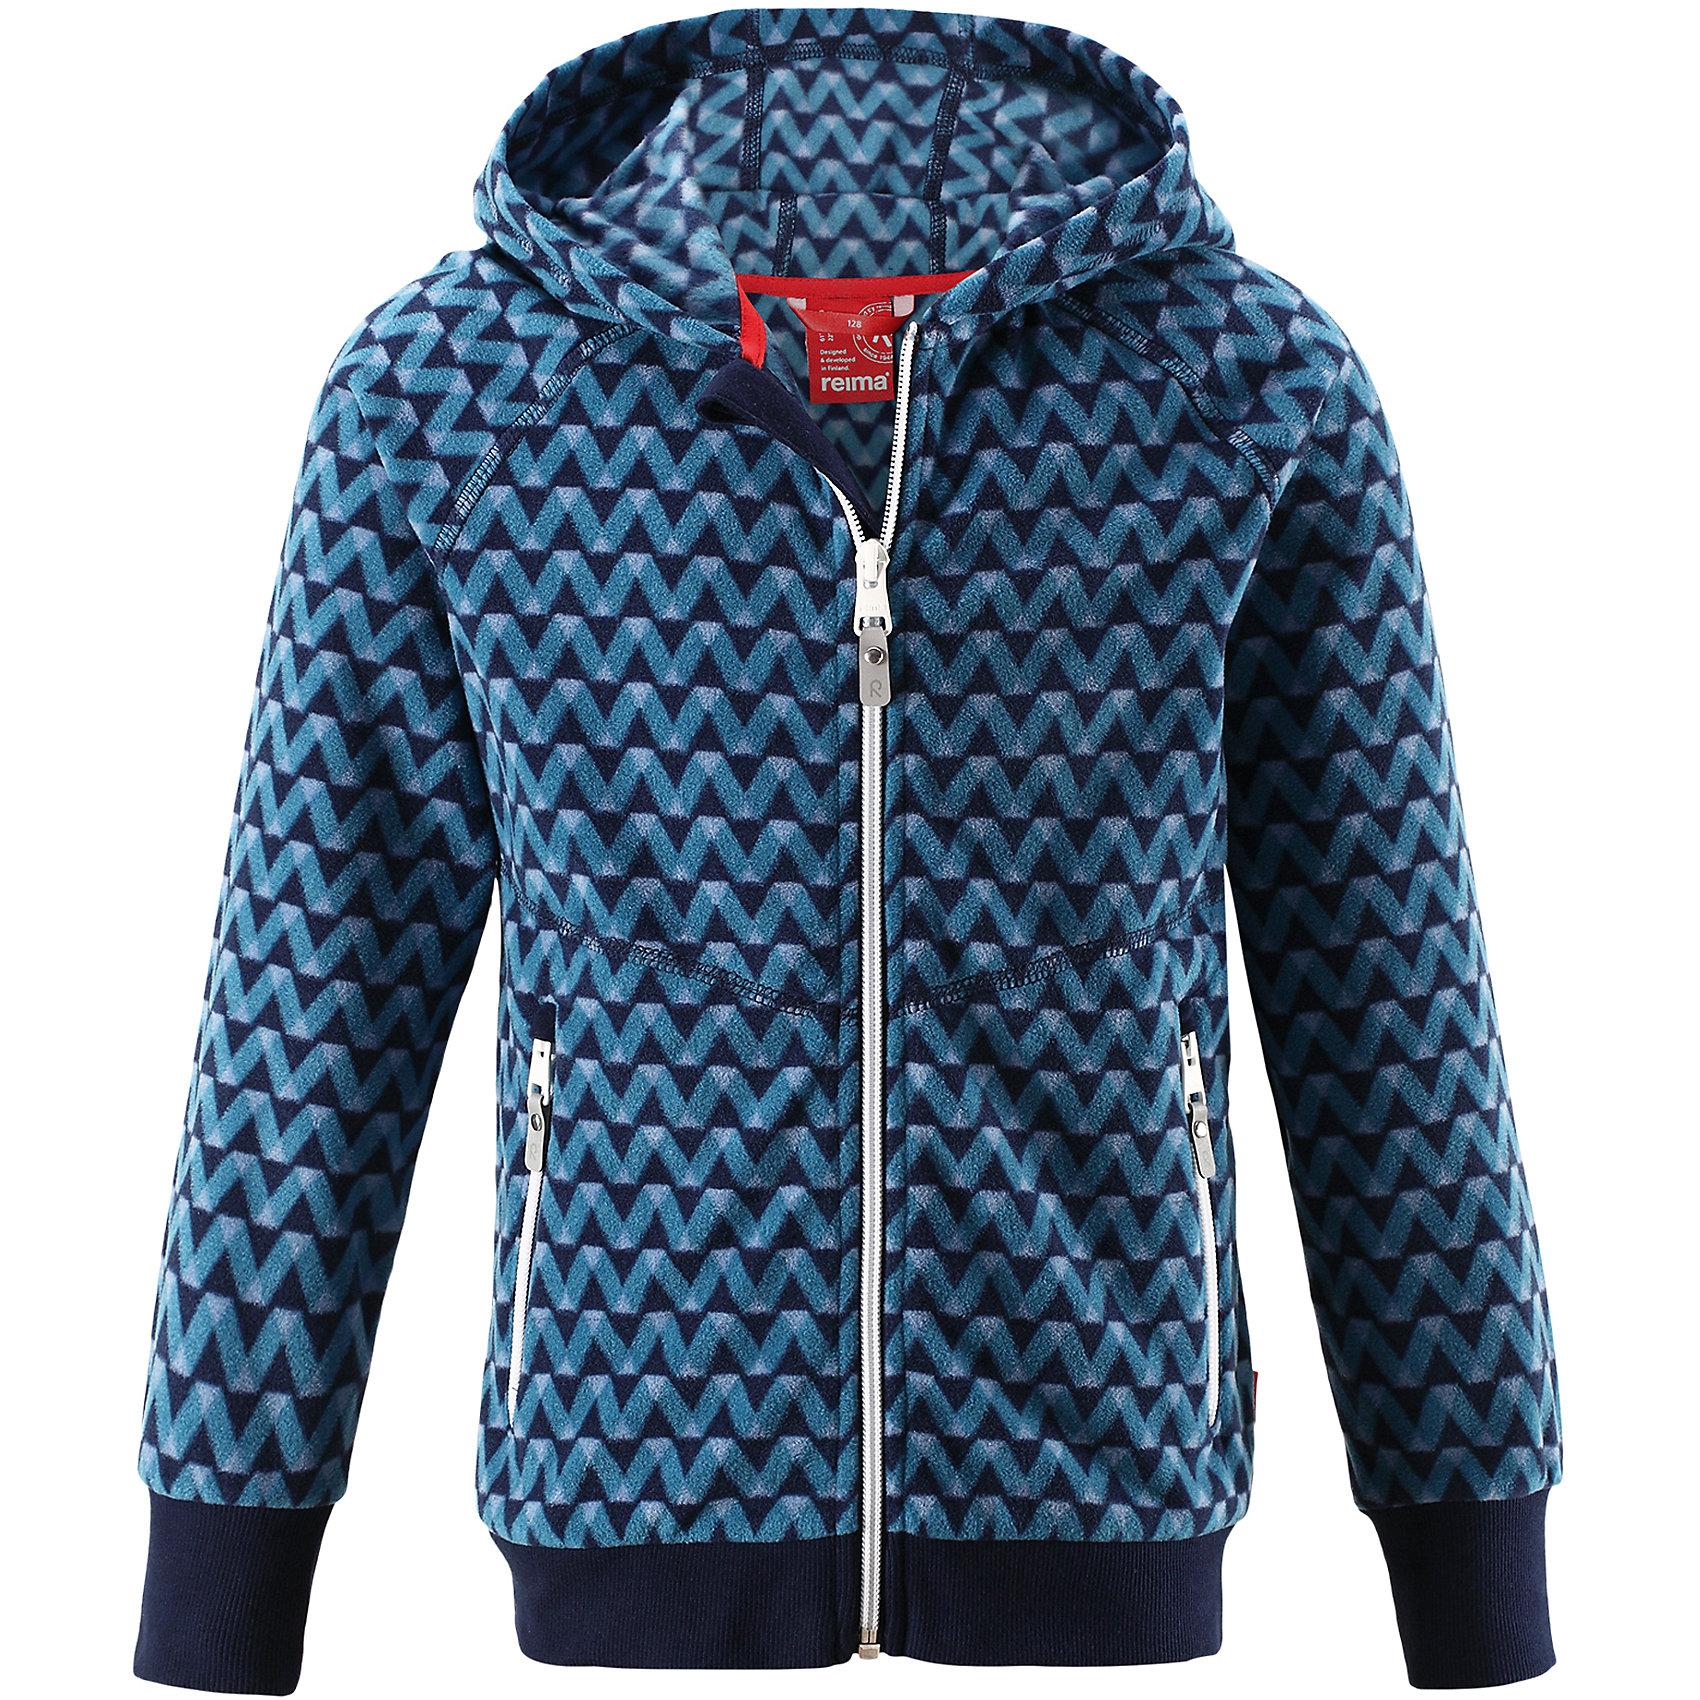 Свитер Ulv Reima для мальчикаТолстовки<br>Детская флисовая куртка на прохладный день. Можно использовать как верхнюю одежду в комплекте с жилеткой в теплую сухую погоду весной и осенью или поддевать в качестве промежуточного слоя в холода. Высококачественный полярный флис – это теплый, легкий и быстросохнущий материал, отводящий влагу с кожи. Идеальный вариант для активных прогулок – обратите внимание на оригинальный сплошной рисунок. <br>Состав:<br>100% Полиэстер<br><br>Ширина мм: 190<br>Глубина мм: 74<br>Высота мм: 229<br>Вес г: 236<br>Цвет: синий<br>Возраст от месяцев: 156<br>Возраст до месяцев: 168<br>Пол: Мужской<br>Возраст: Детский<br>Размер: 164,92,98,104,110,116,122,128,134,140,146,152,158<br>SKU: 6904614